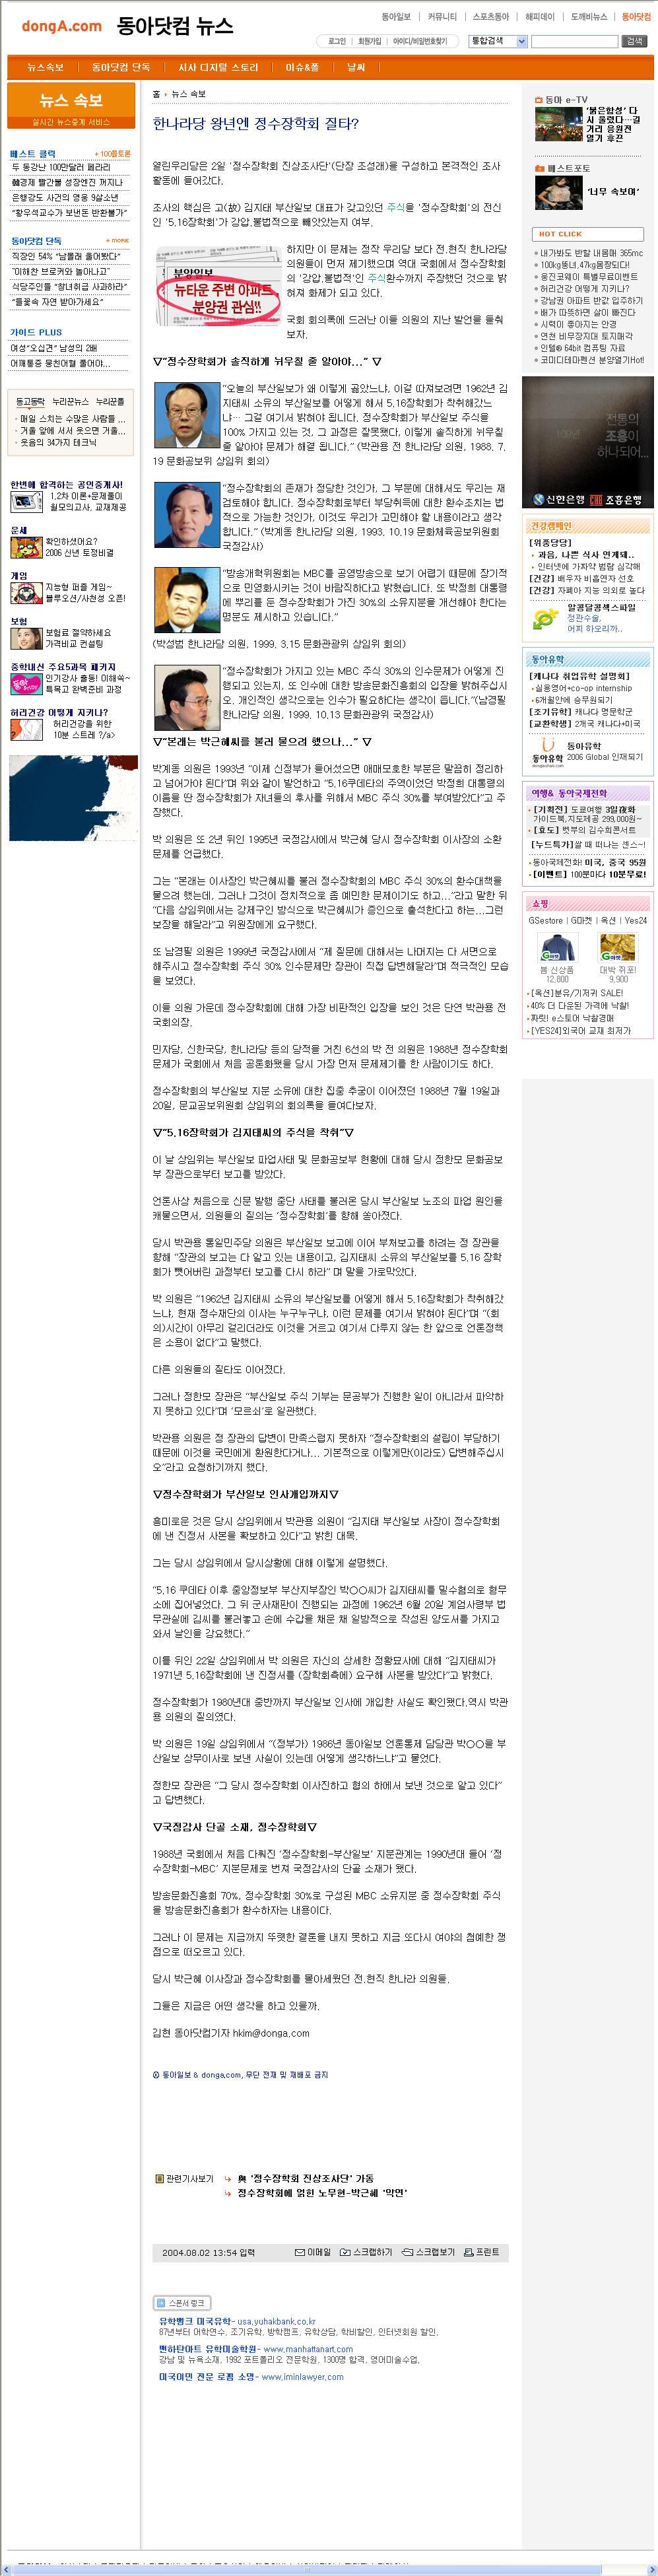 이슈 - 한나라당, 왕년엔 정수장학회 질타?(2004. 8)